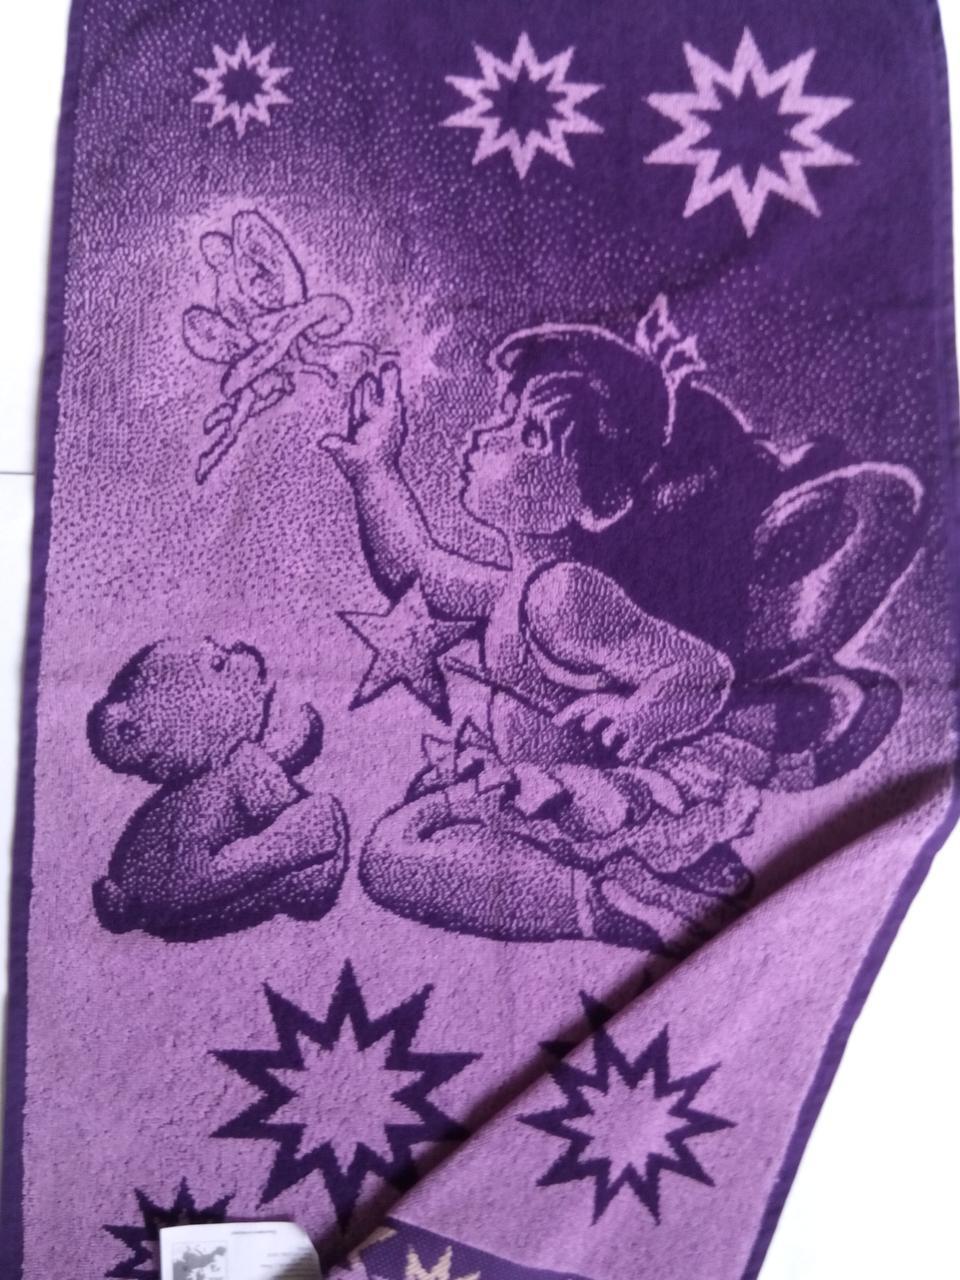 Полотенце махровое  50*90 ДЕВОЧКА И ЭЛЬФ  фиолет100% хлопка (шт.)